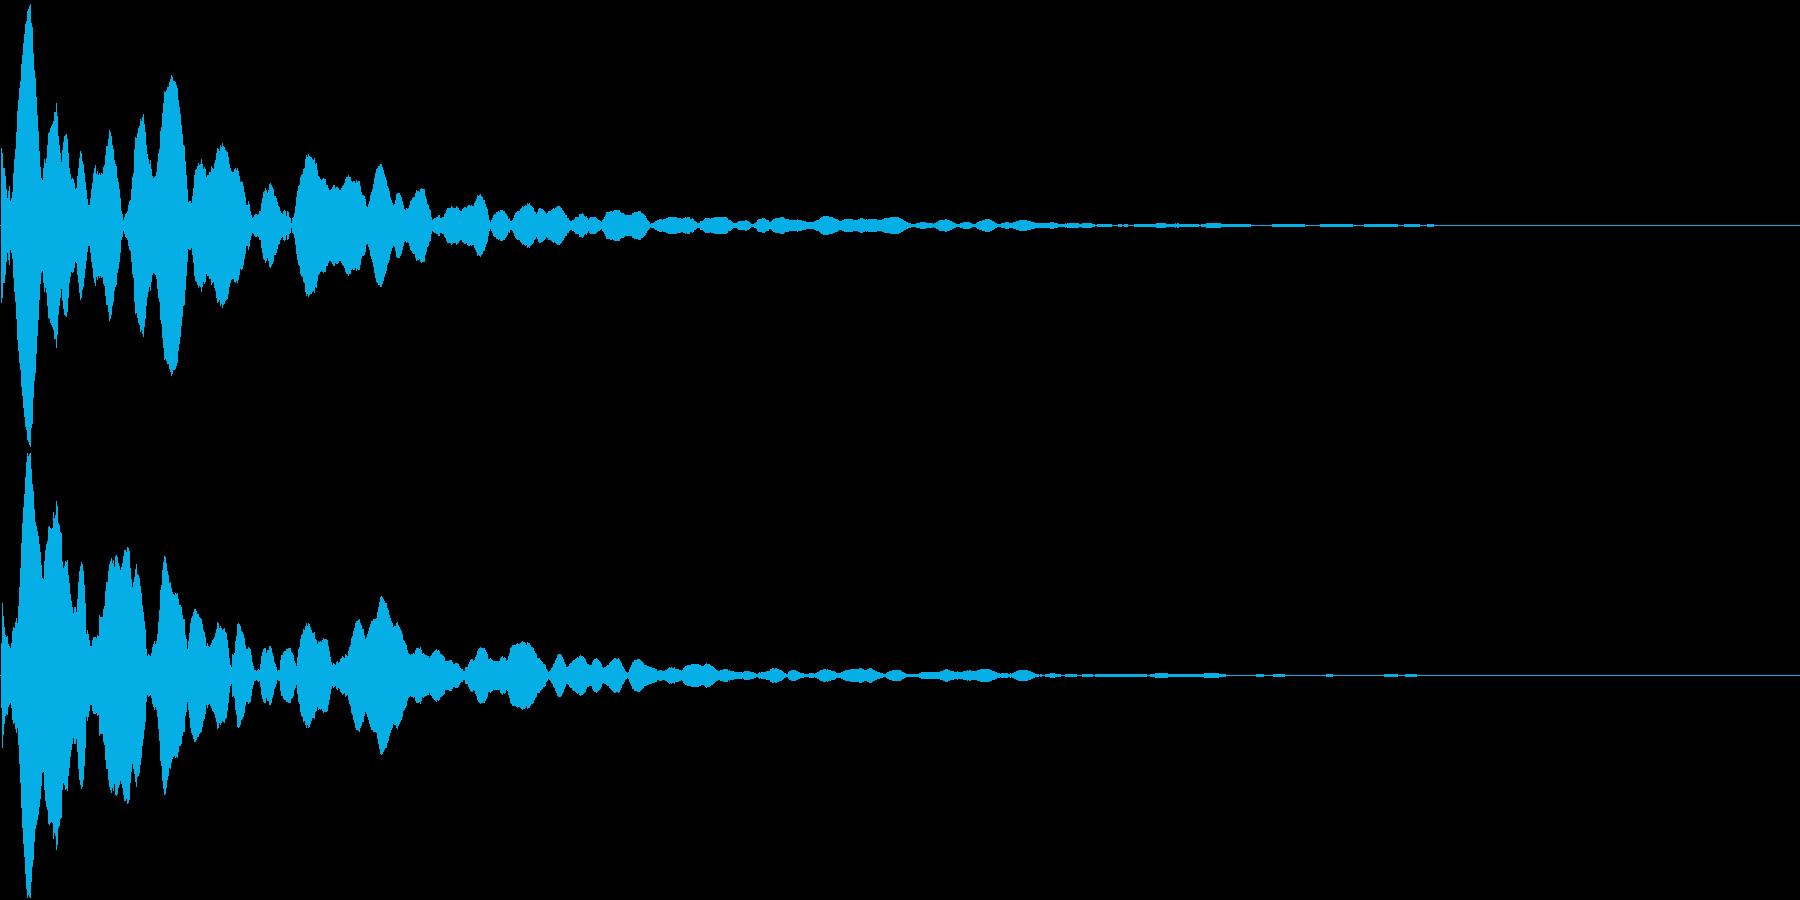 カーソル移動音(ピコン)の再生済みの波形